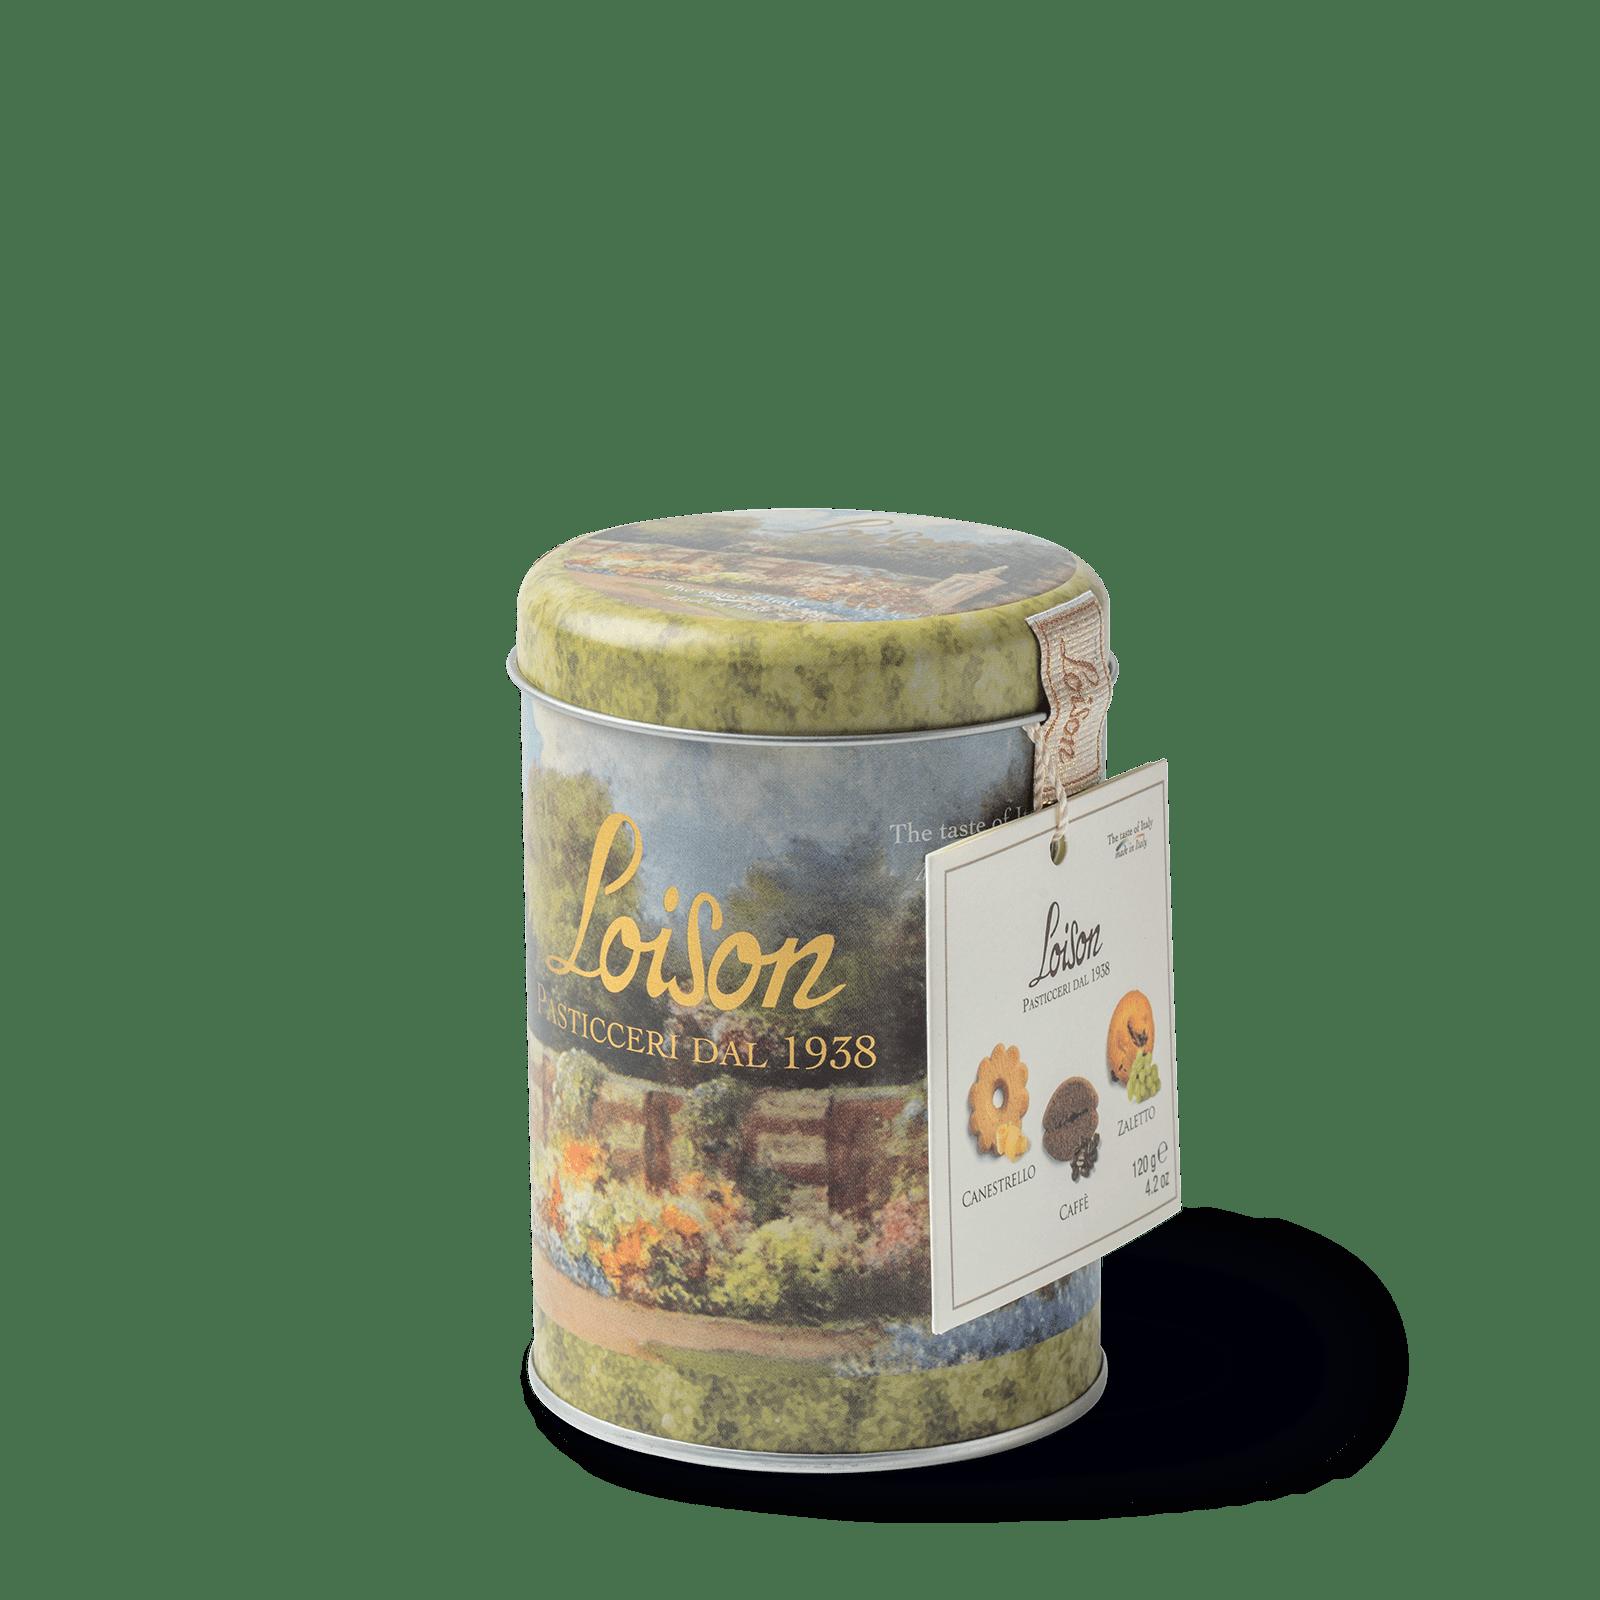 Biscotti al burro in latta 120 grammi - i classici